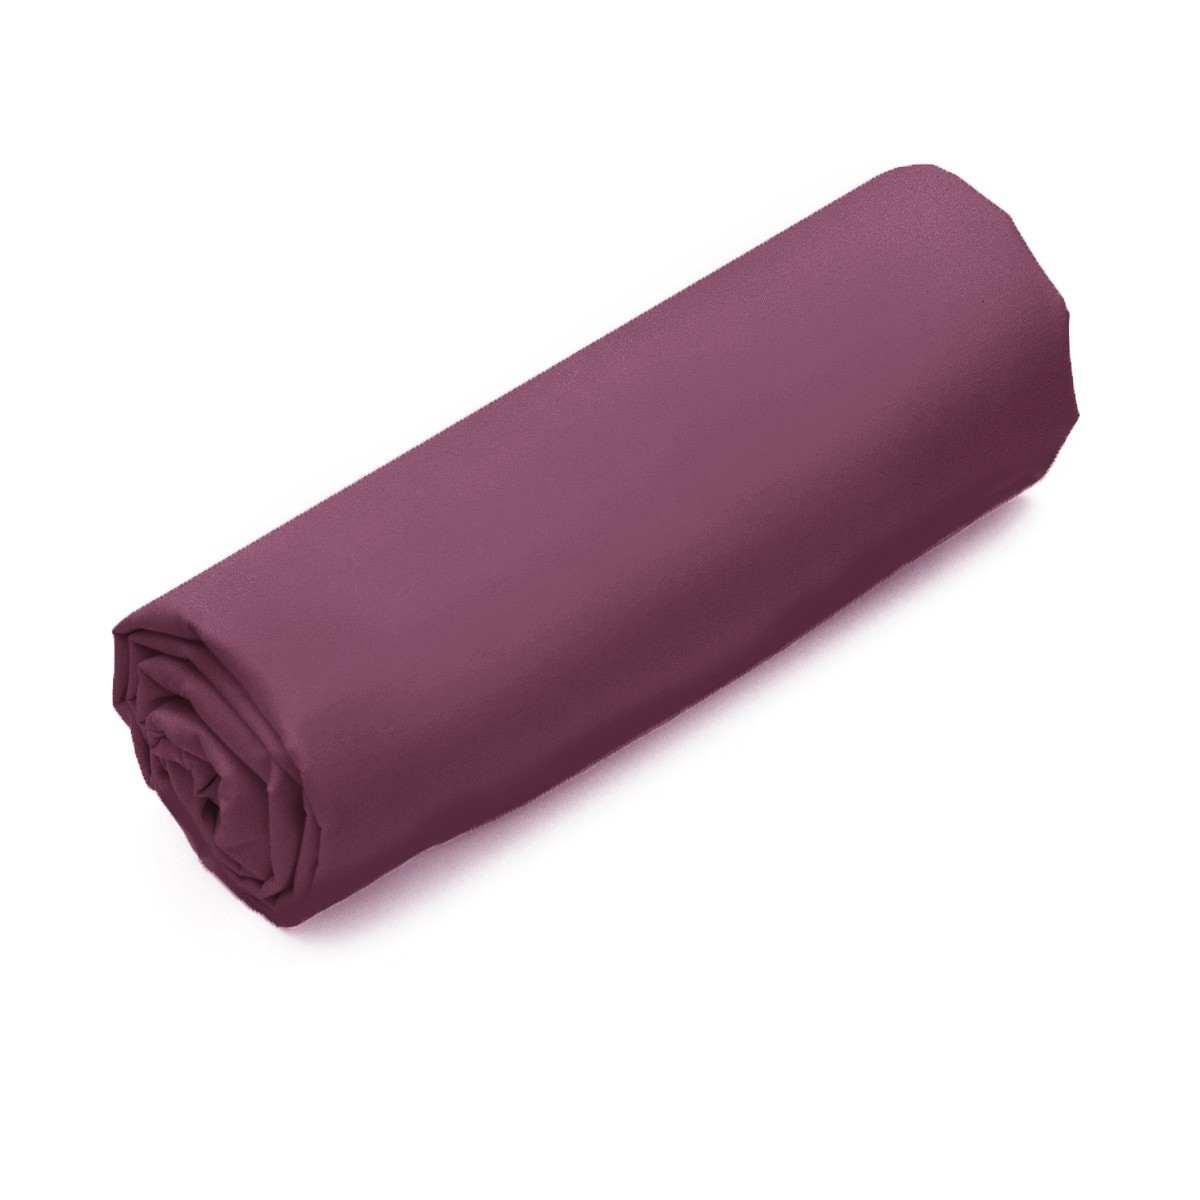 Drap-housse Uni Percale Prune | Linge de maison | Tradition des vosges